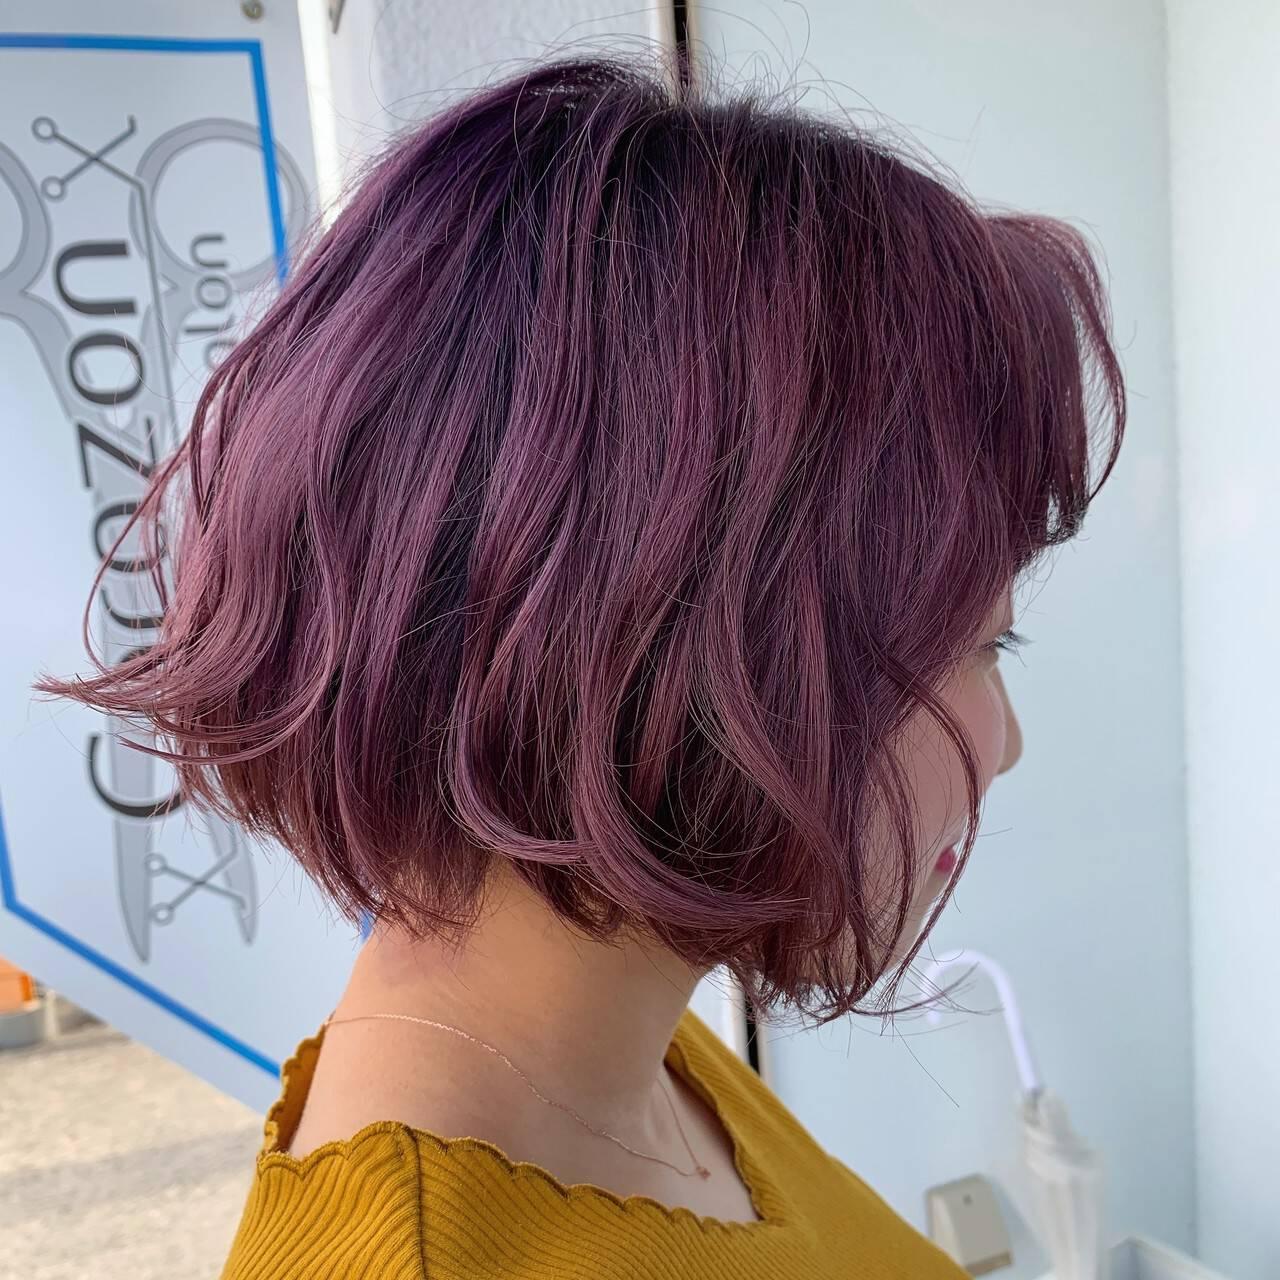 ラズベリーピンク エレガント ラベンダーピンク ピンクブラウンヘアスタイルや髪型の写真・画像